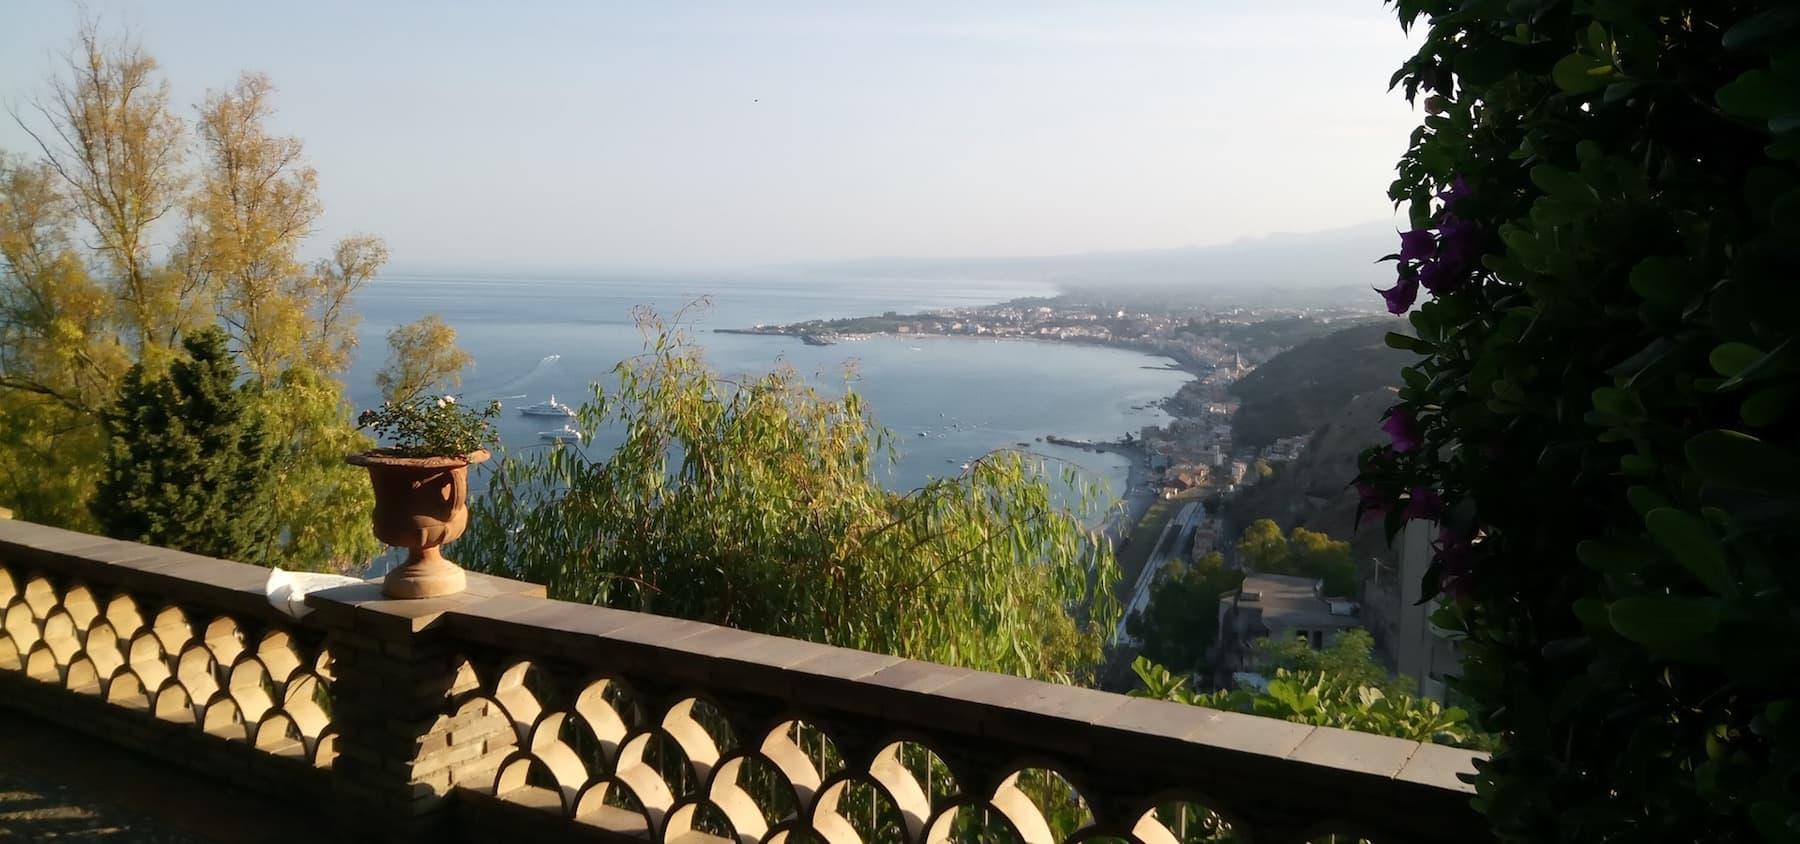 immagine per 05 - Novità - tour della Sicilia con extra a Taormina - 10 giorni